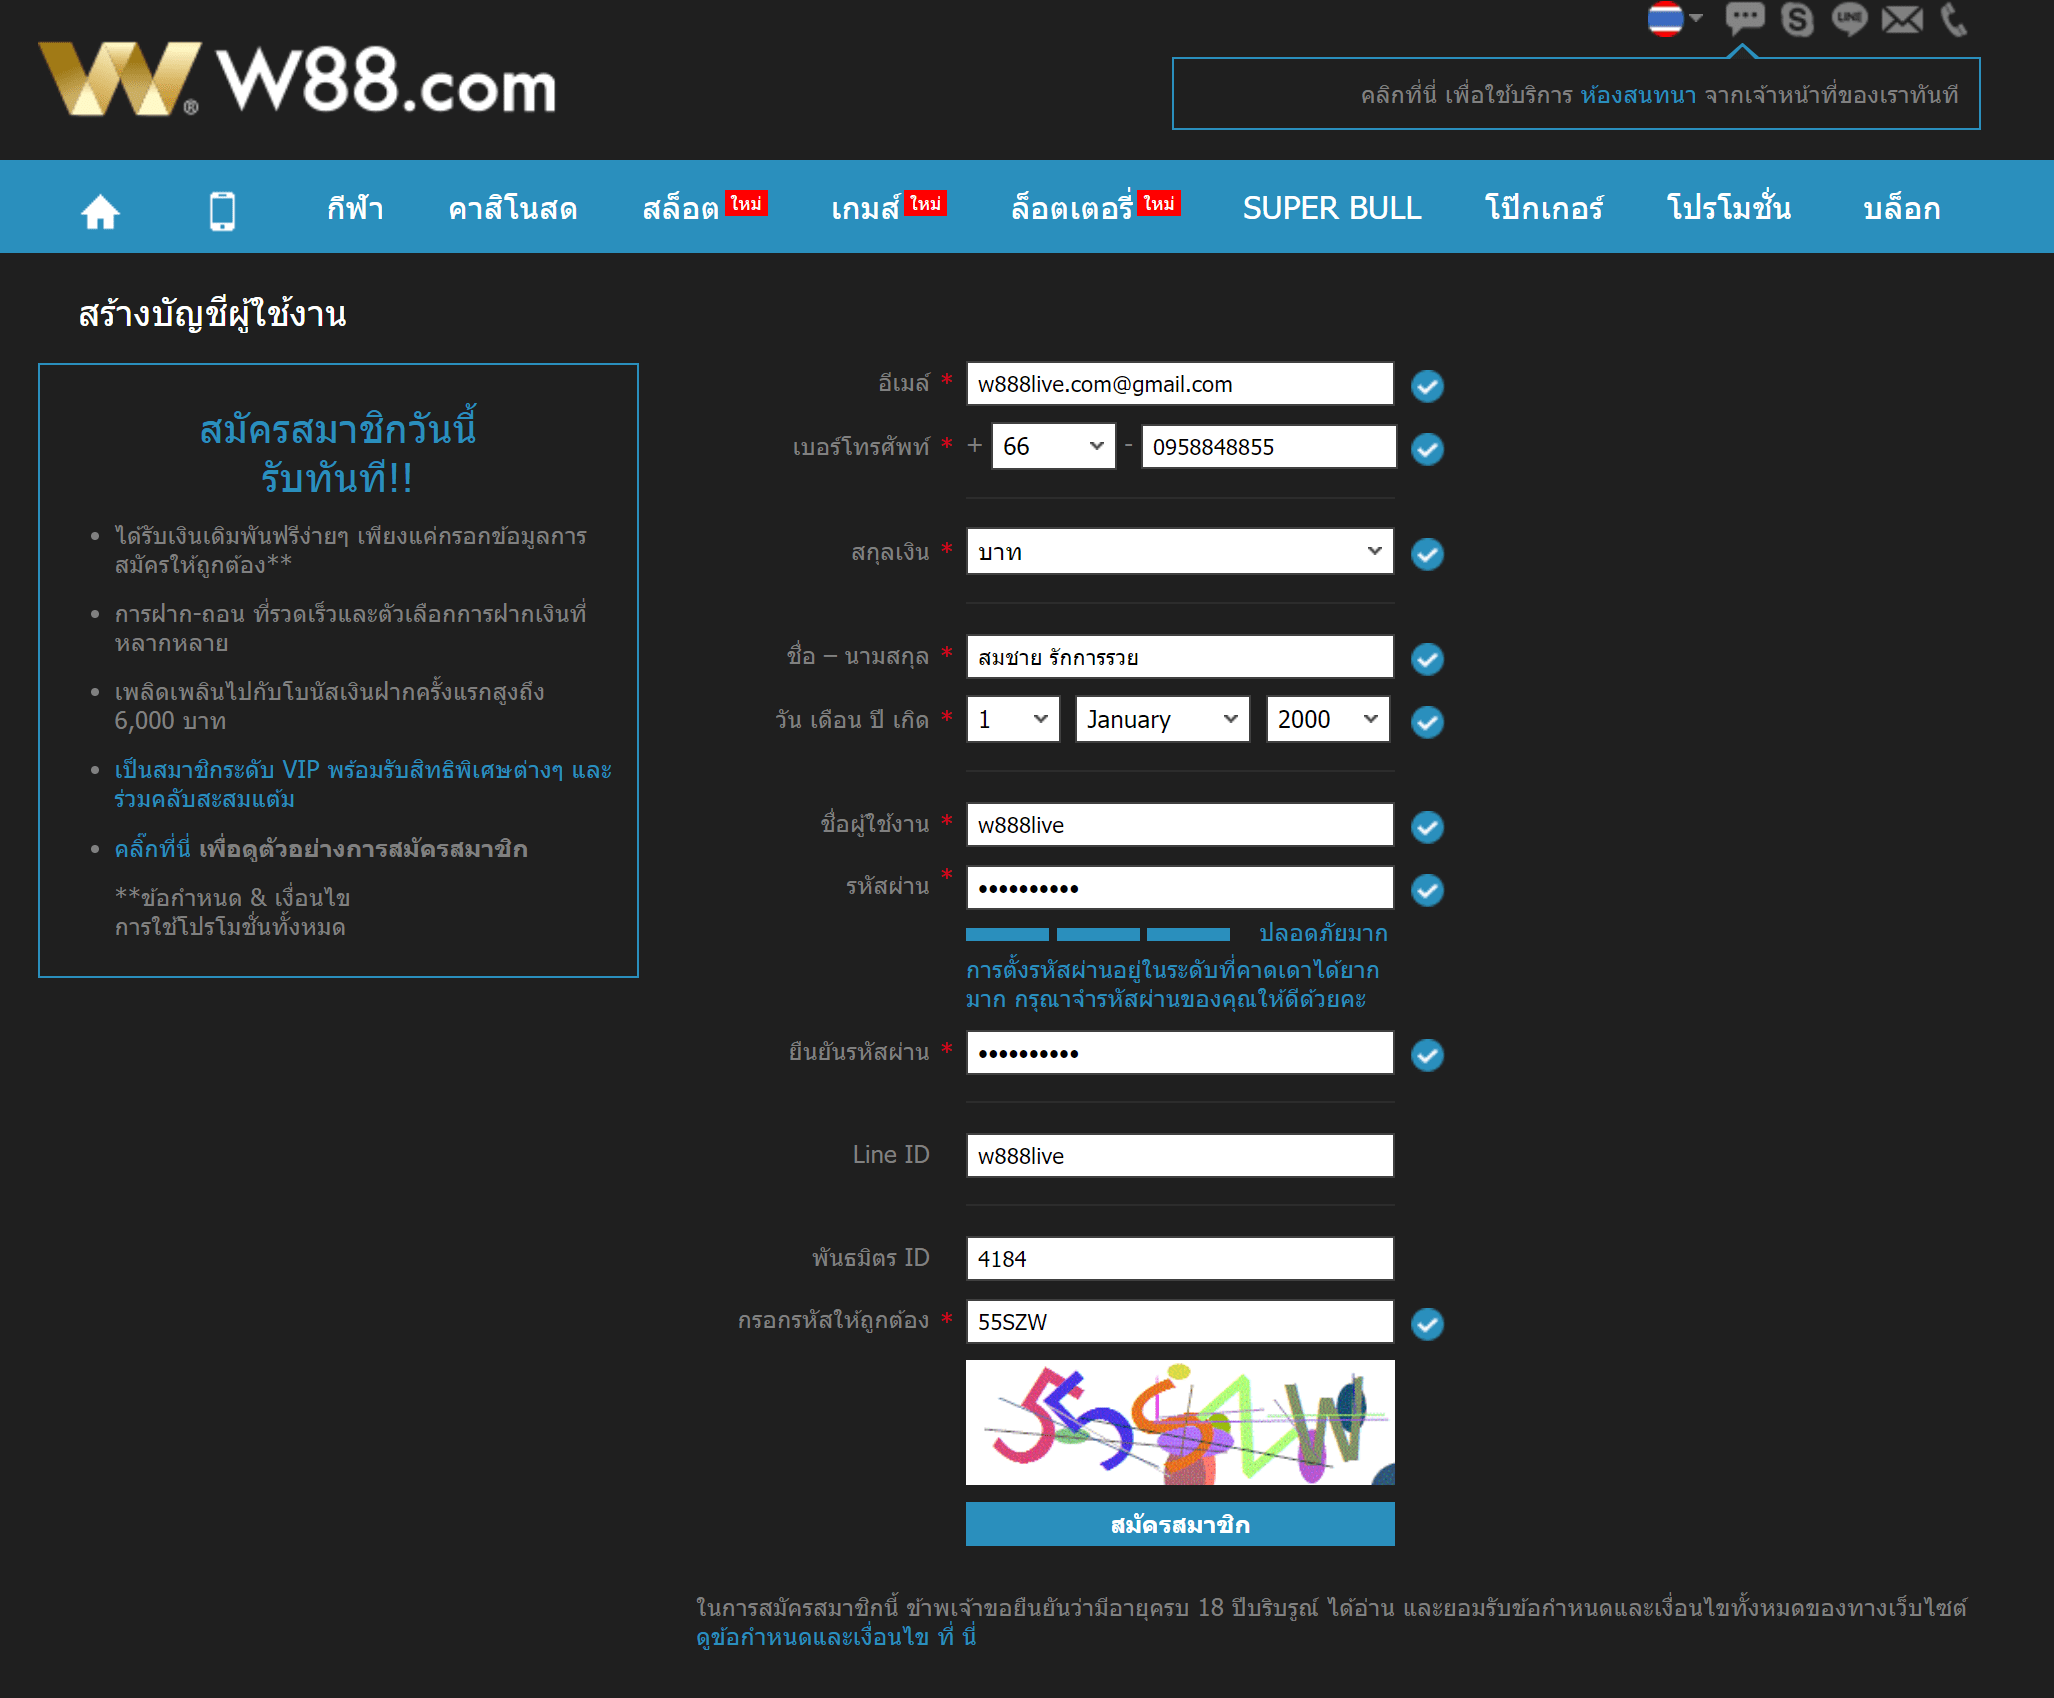 แบบฟอร์มสมัครสมาชิก W88